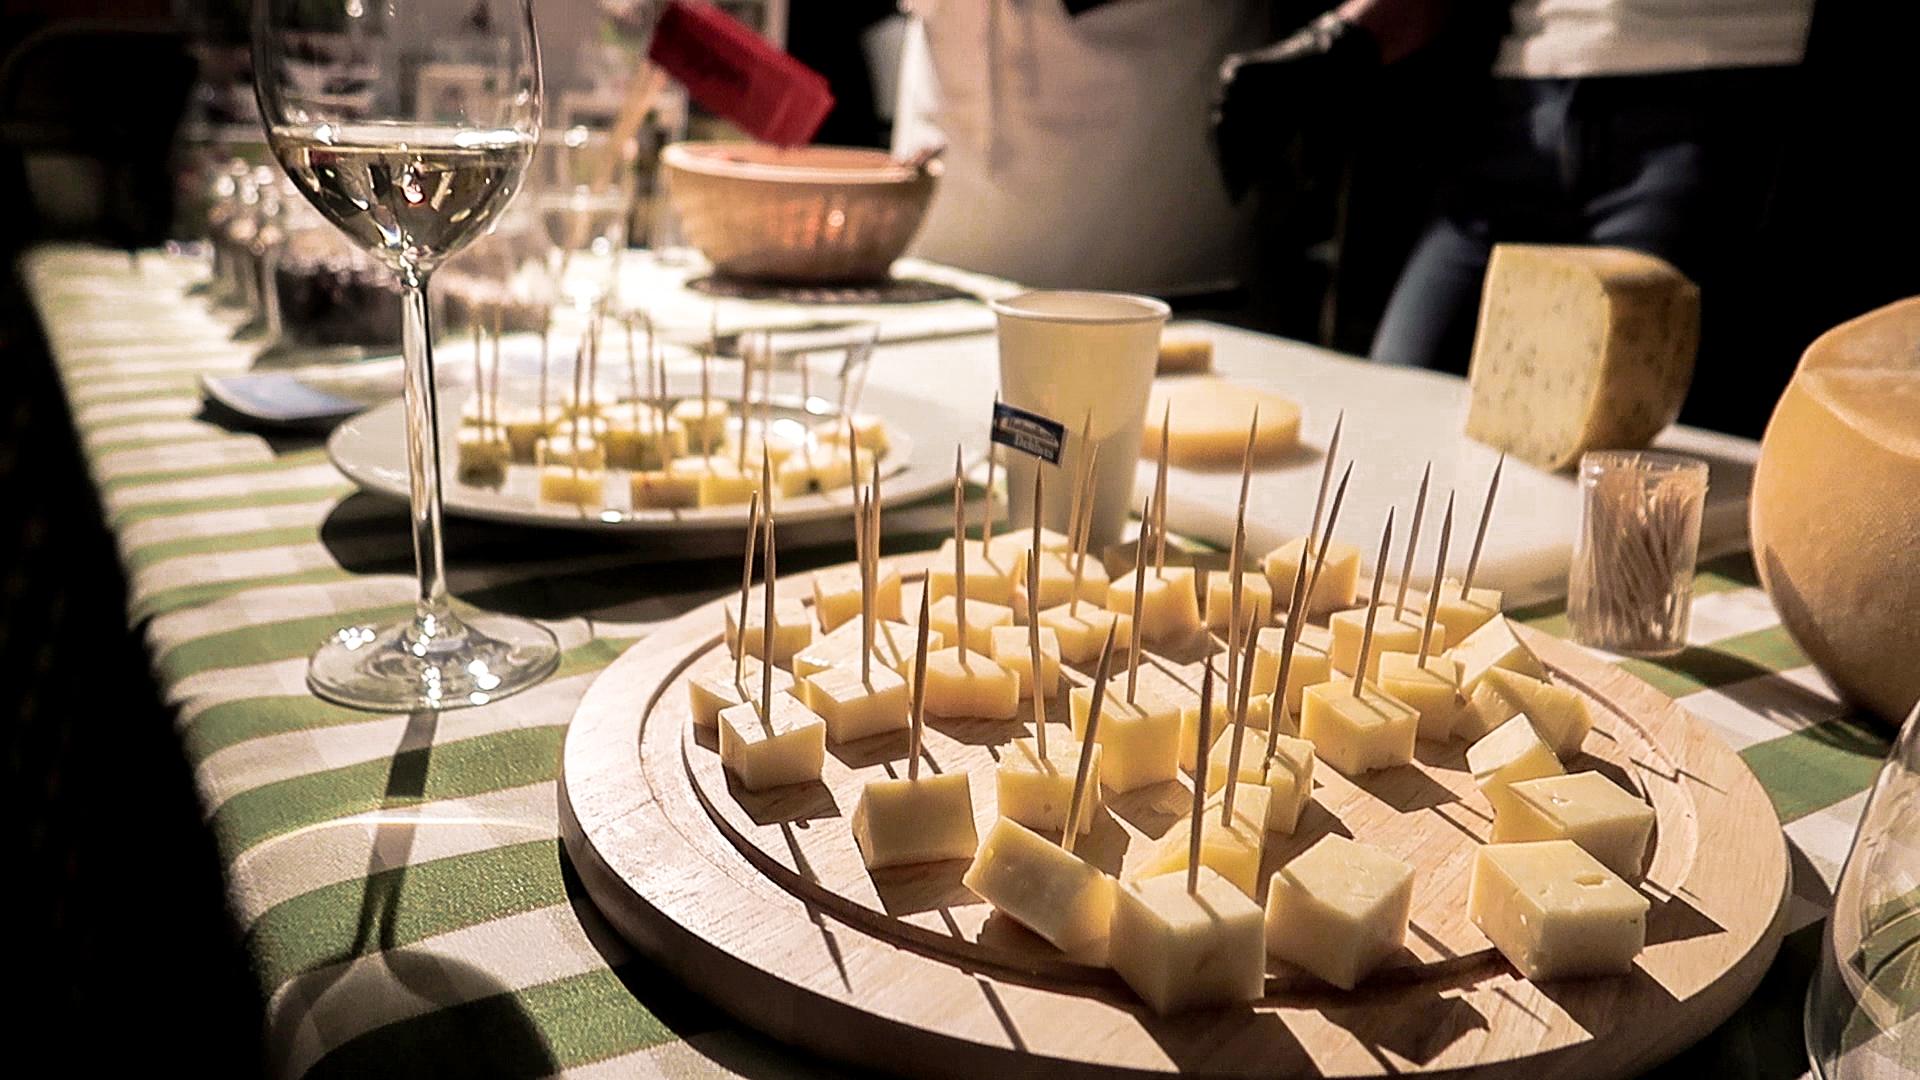 Unser Highlight: Käse der Hofmolkerei Dehlwes